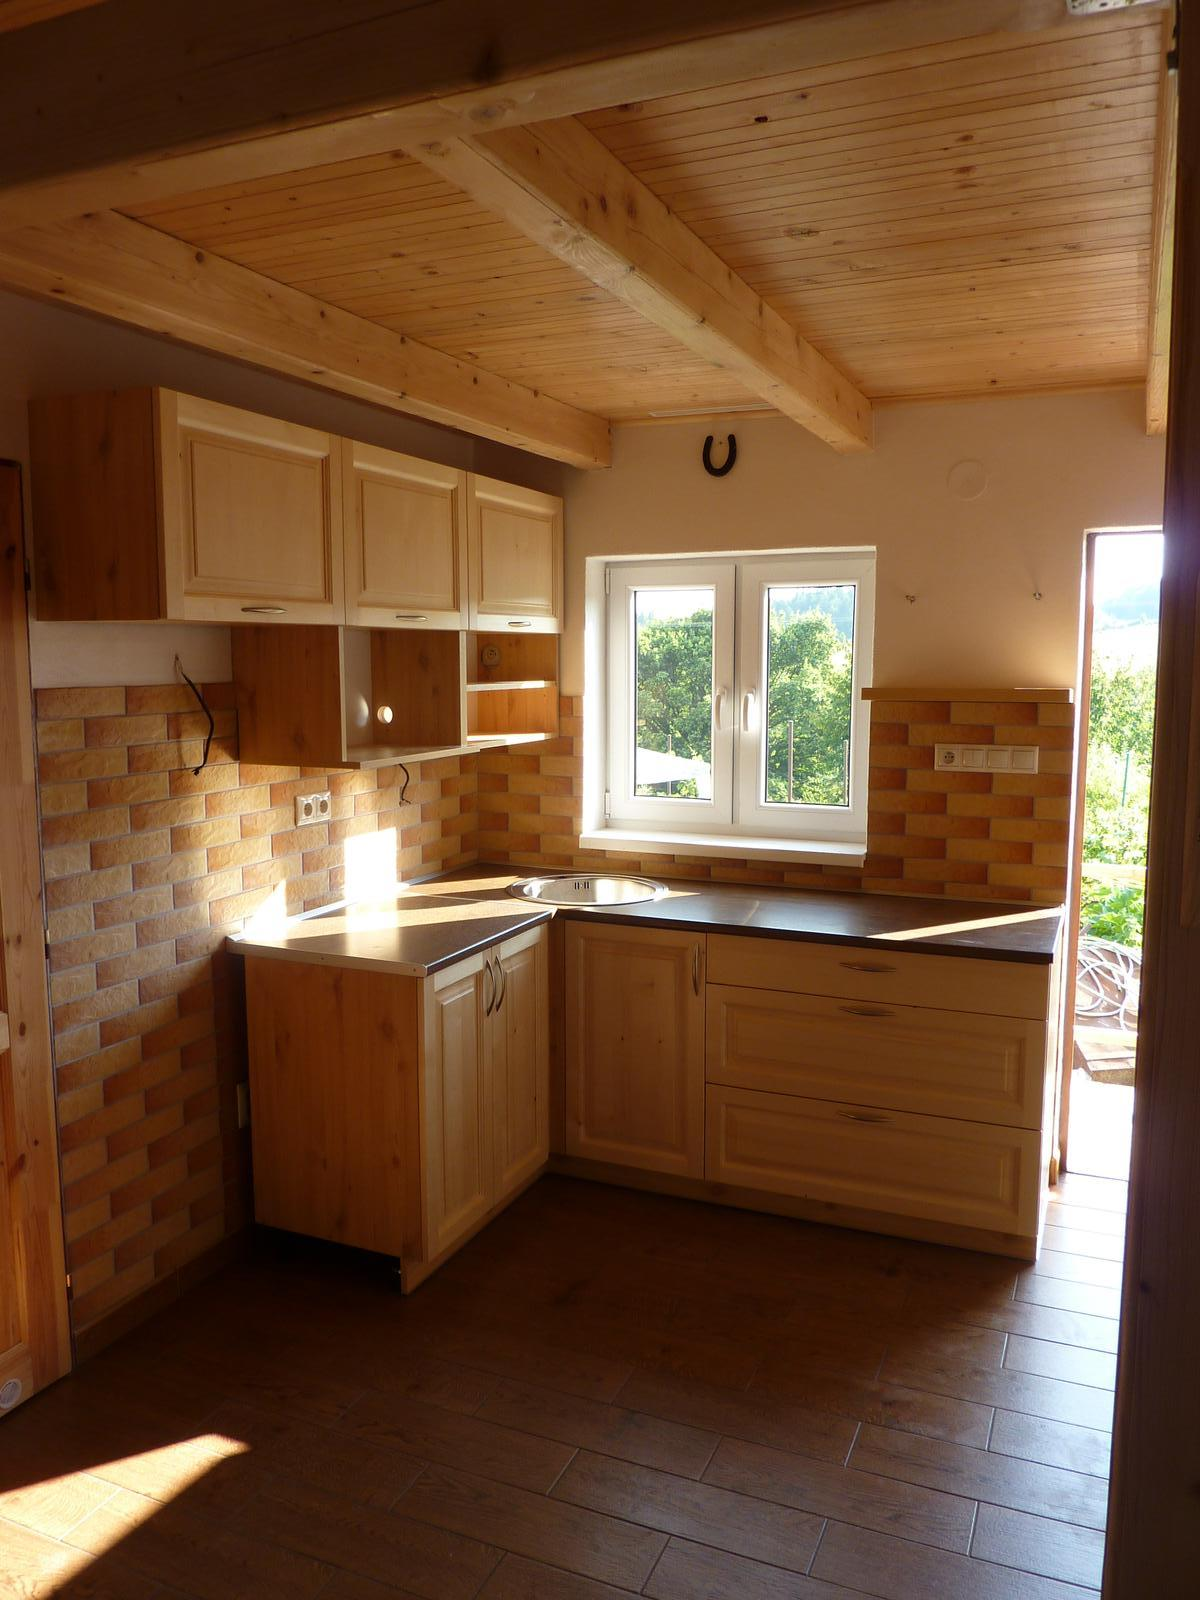 Realizácie kuchyne  - stolárstvo Valuška - kuchynská linka robená do chalupy